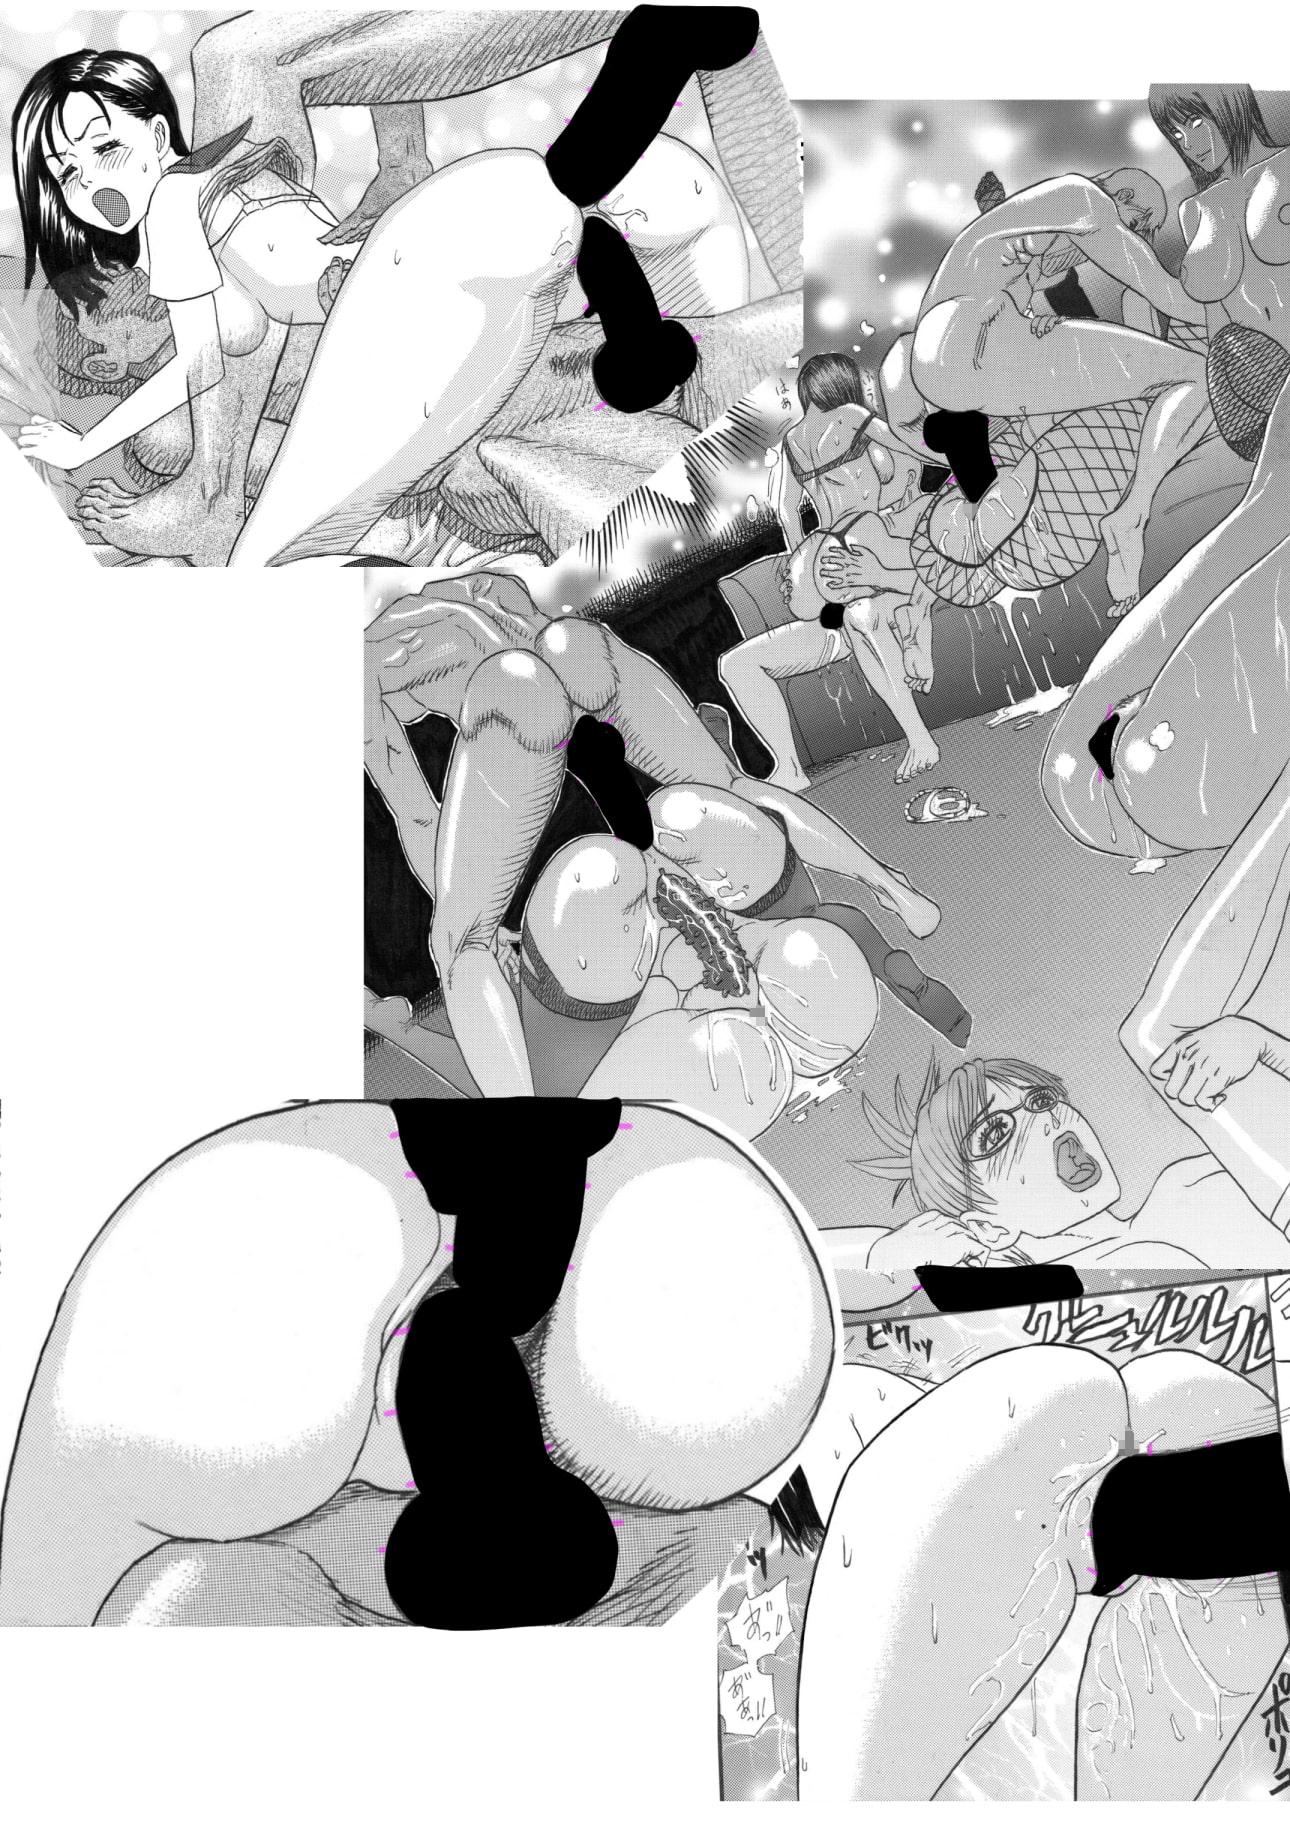 エロ漫画5本